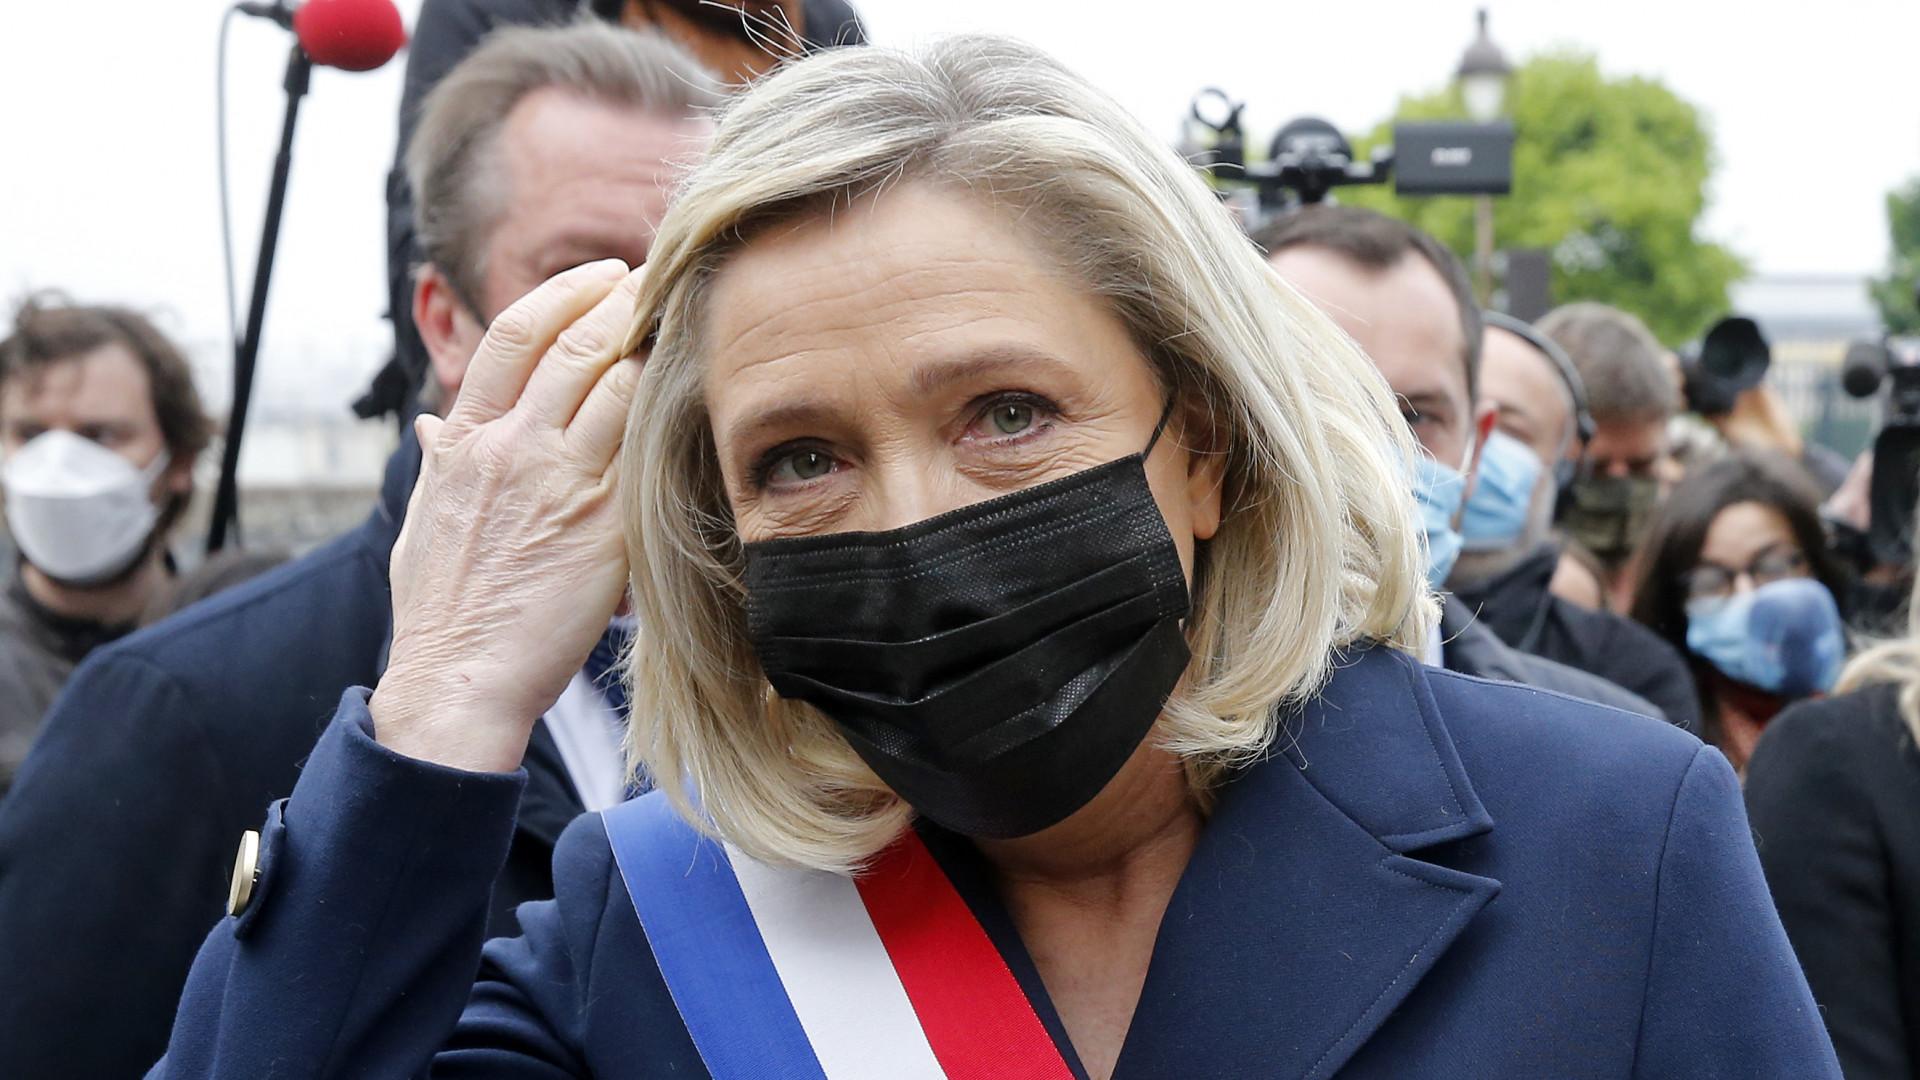 Történelmi győzelemre készül a szélsőjobboldal – Le Pen bevenné a Cote d'Azur-t